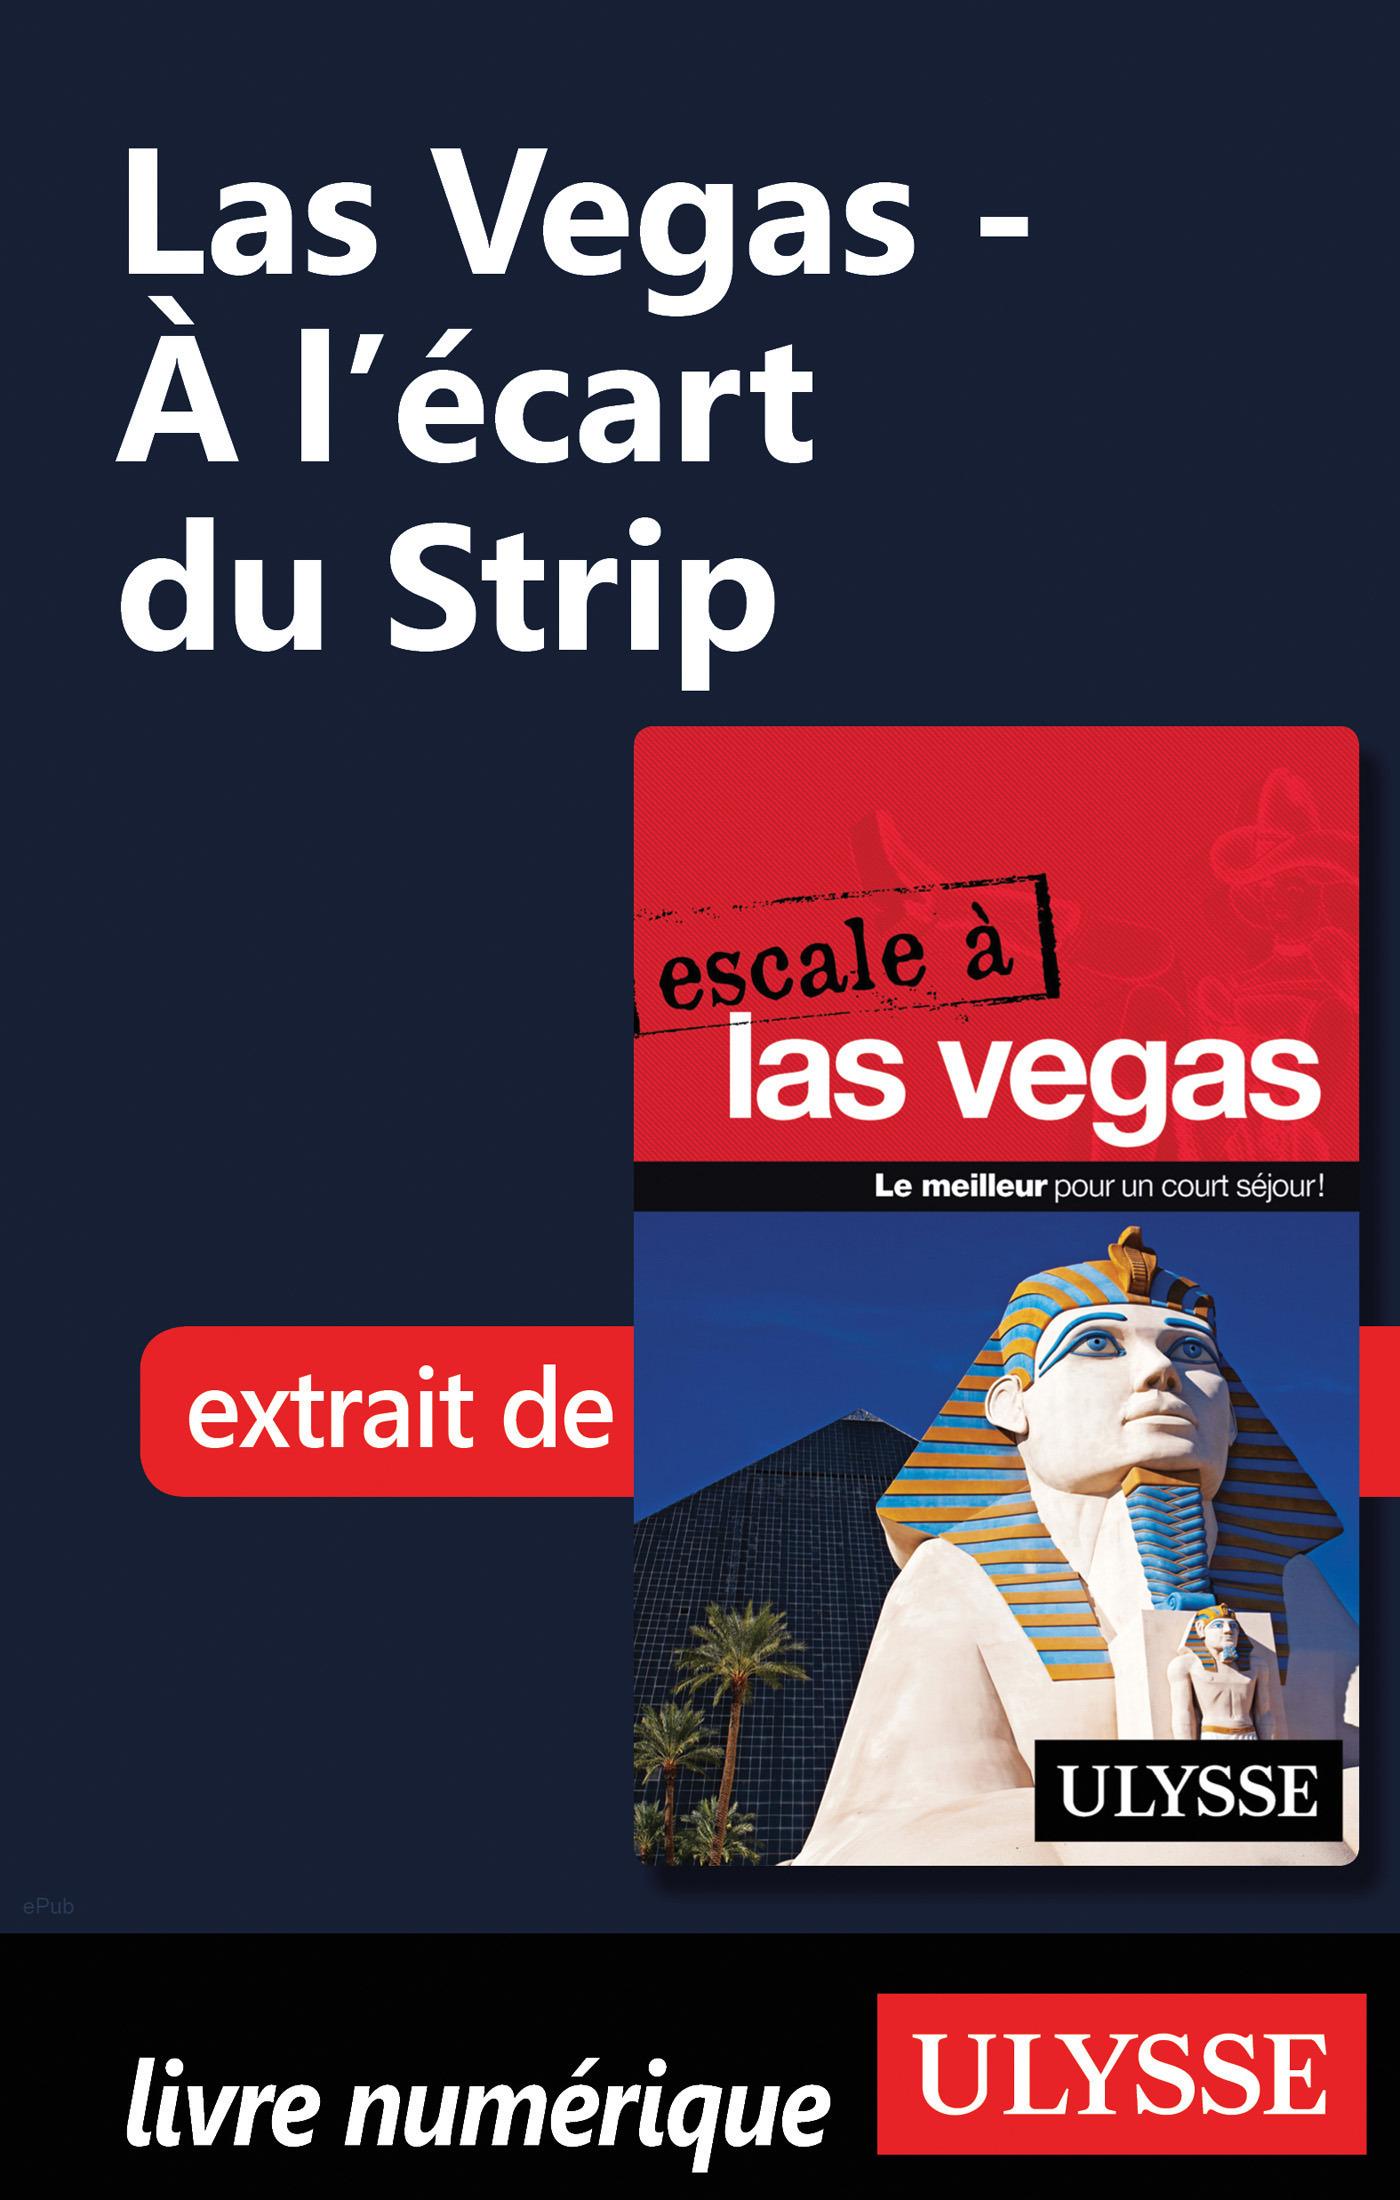 Las Vegas - A l'écart du Strip